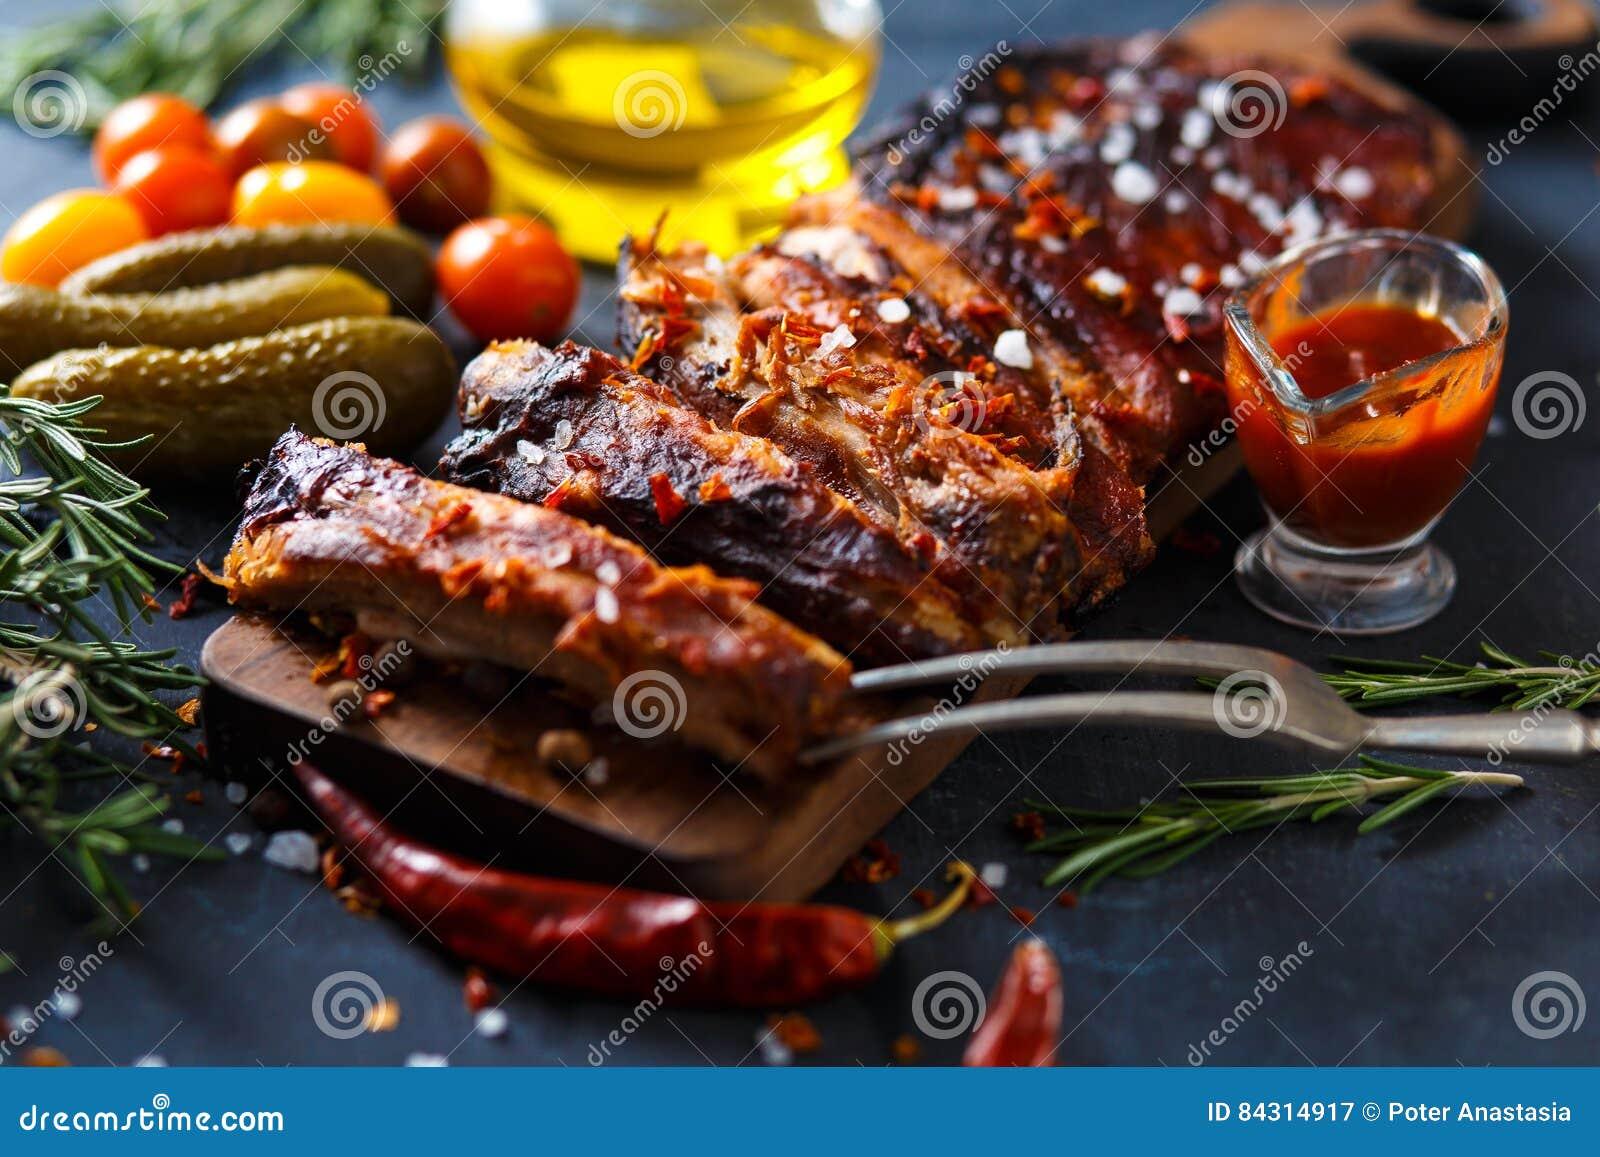 Τα εύγευστα ψημένα στη σχάρα πλευρά καρύκεψαν με μια πικάντικη σάλτσα ραντίσματος και εξυπηρέτησαν με τεμαχισμένος